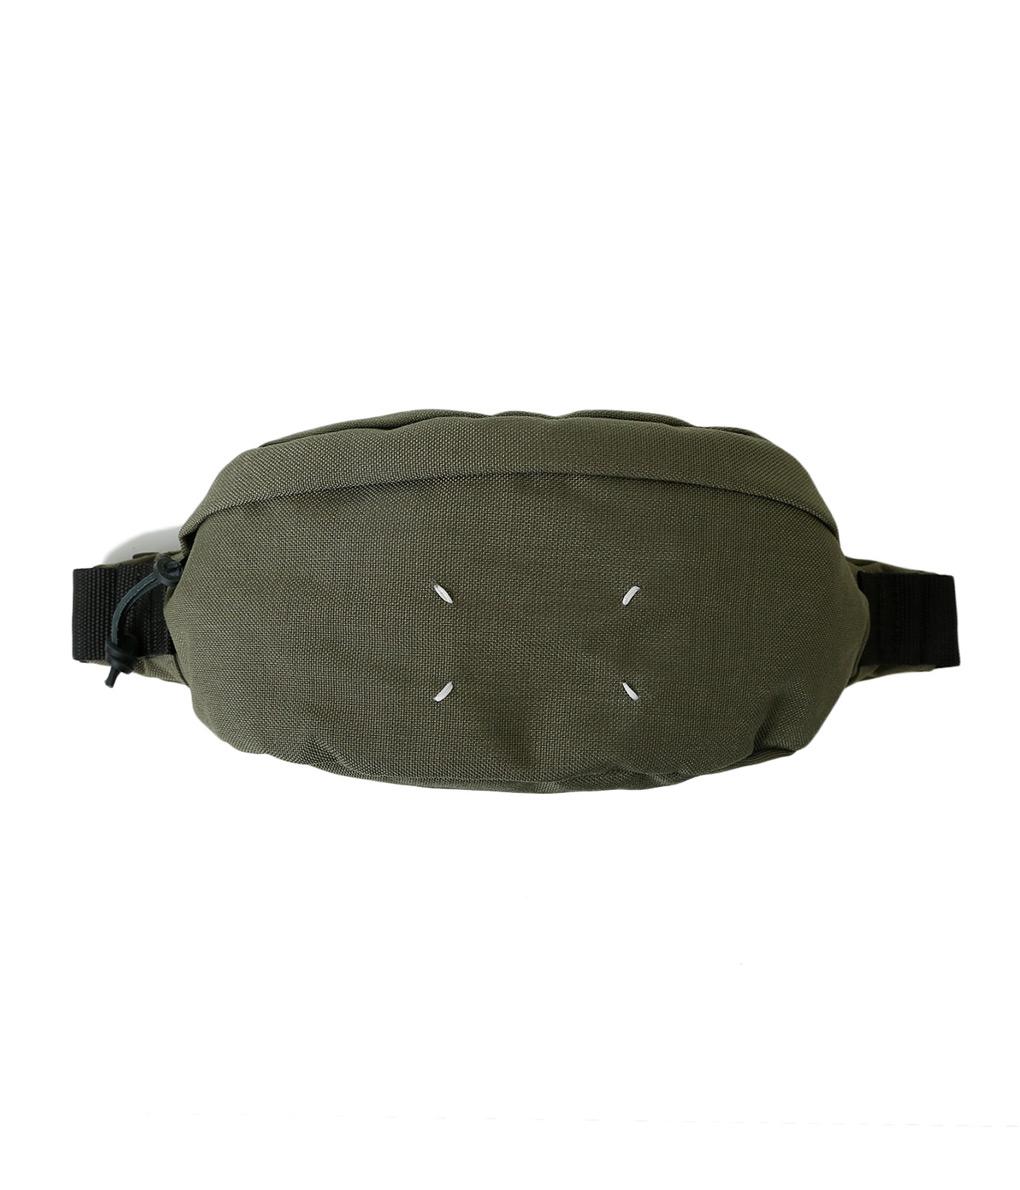 Maison Margiela / メゾン マルジェラ : FANNY PACK : メゾンマルジェラ ウエストバッグ 鞄 : S55WB0010 【RIP】【BJB】